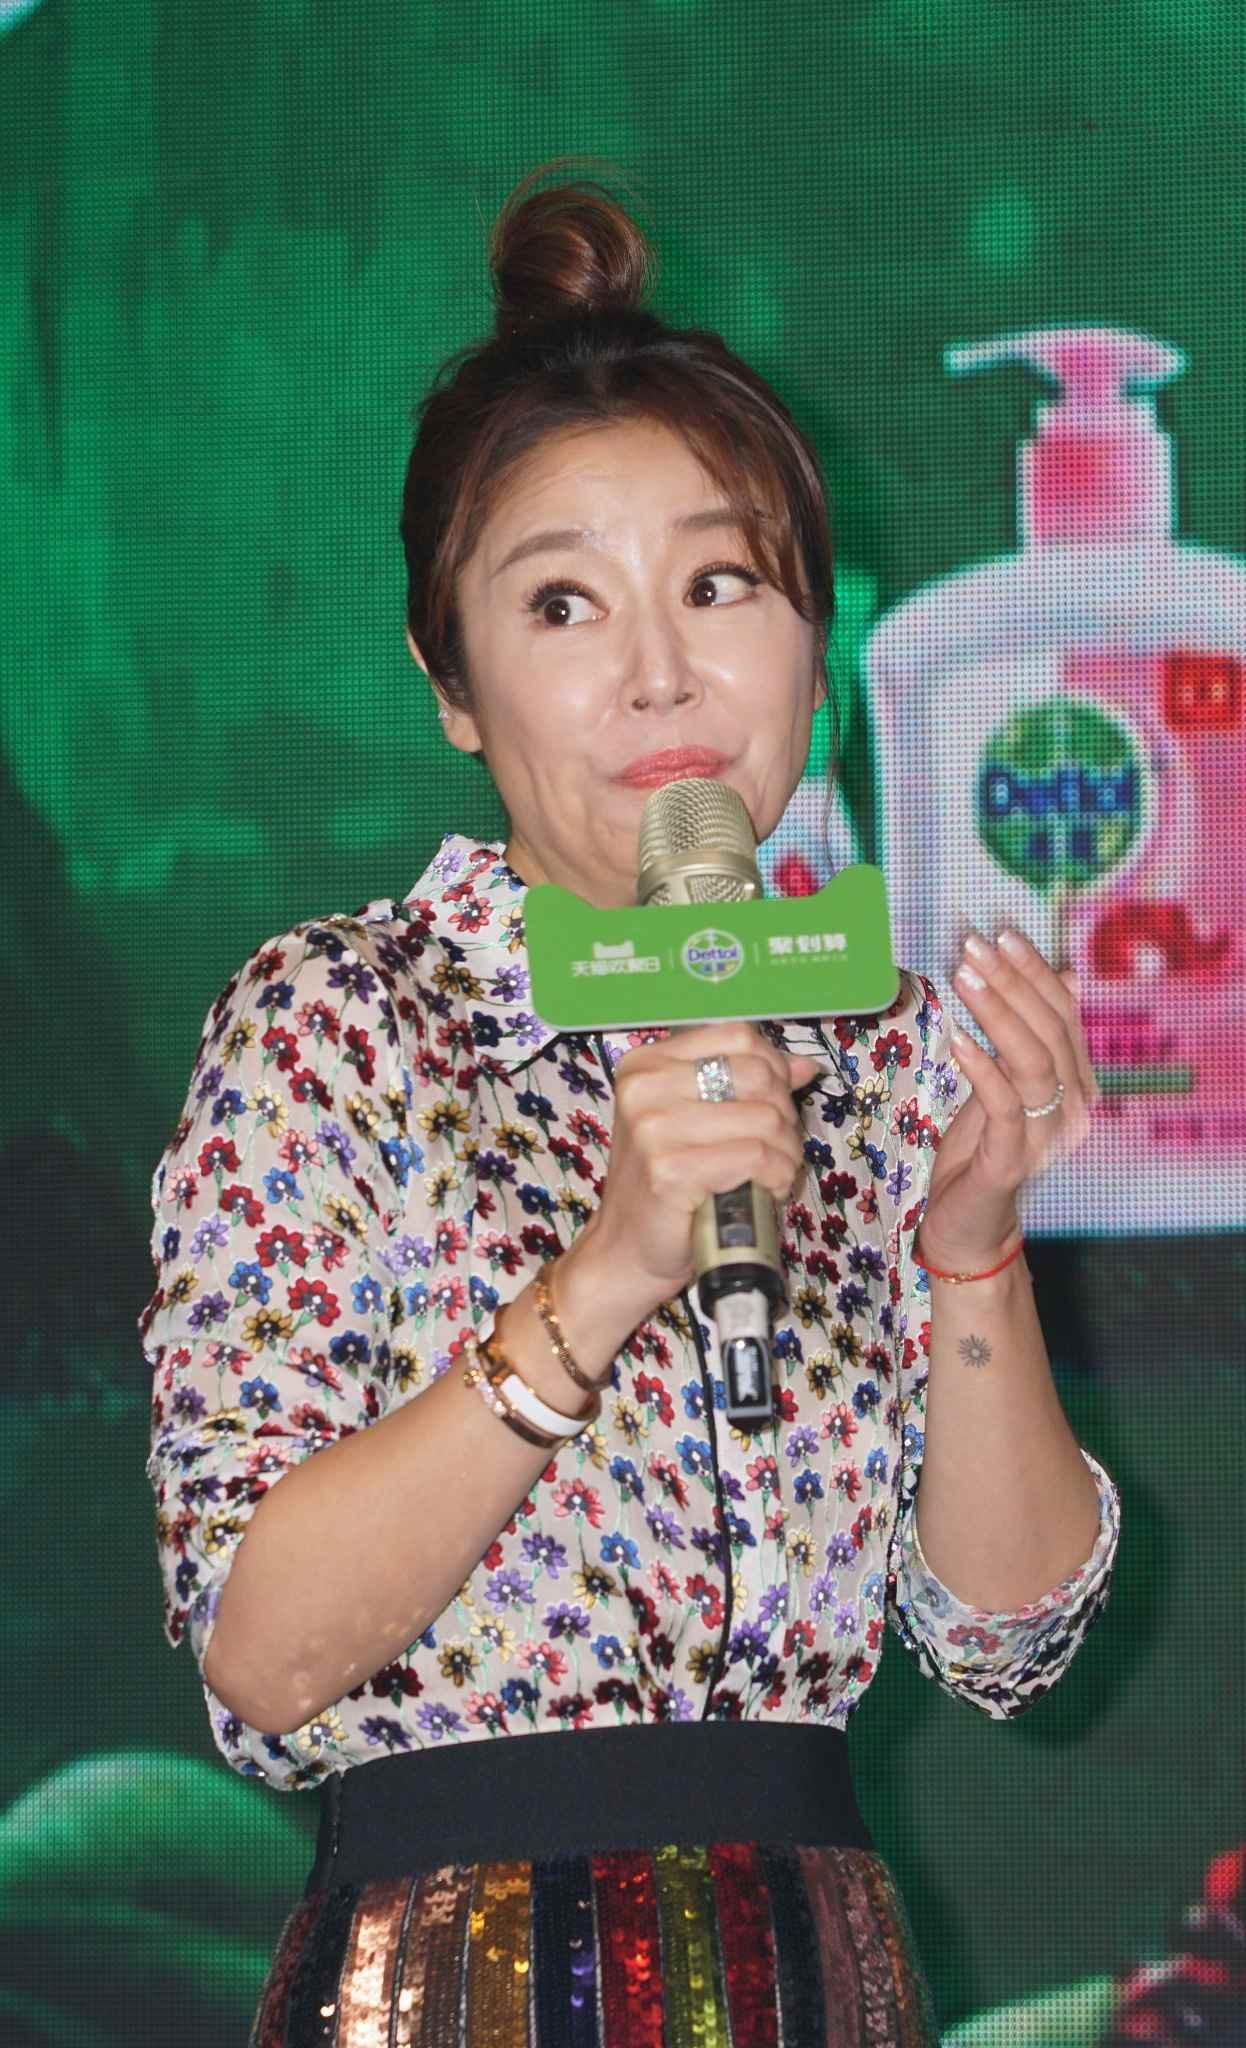 Top khoảnh khắc kém sắc gây sốc của dàn đại mỹ nhân năm 2018: Park Min Young, Nhiệt Ba phải chào thua mỹ nhân này? - Ảnh 21.